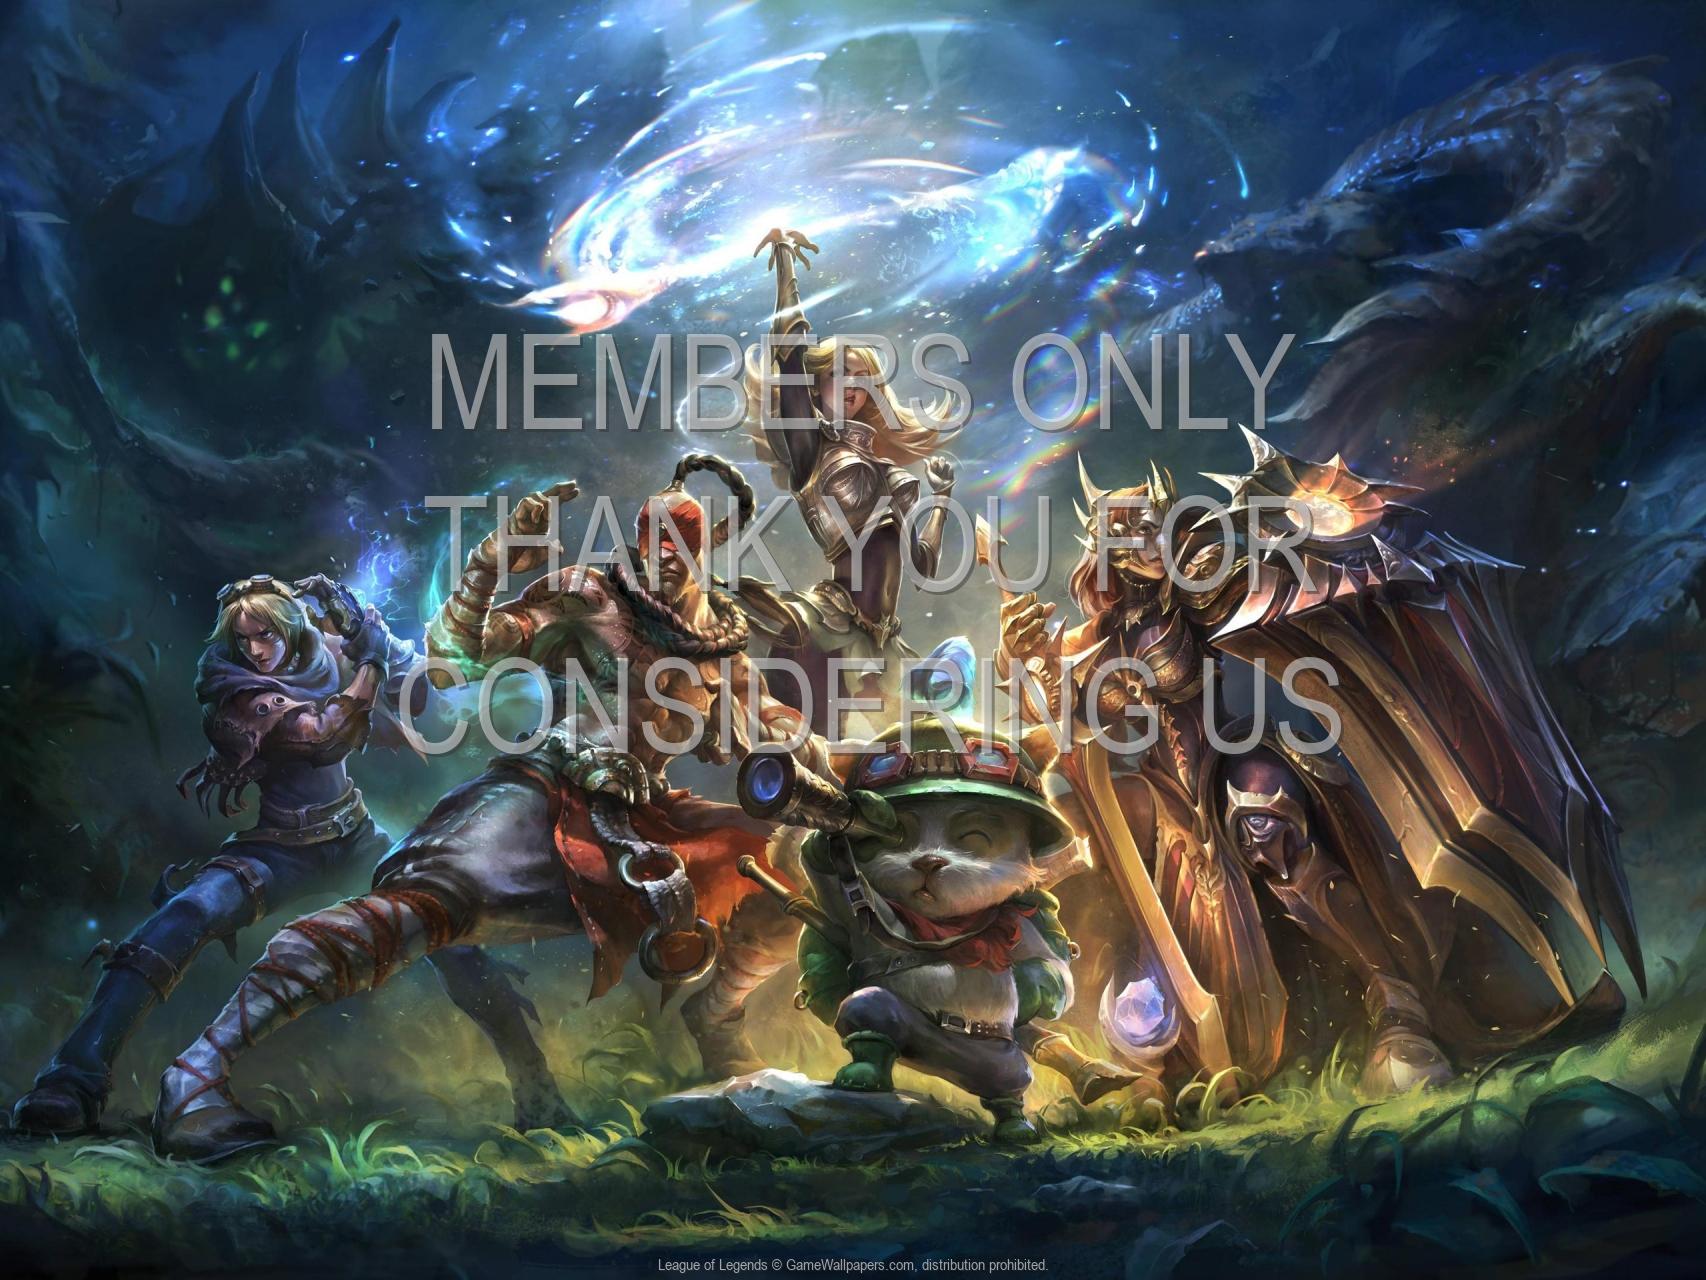 League of Legends 1920x1080 Mobiele achtergrond 20